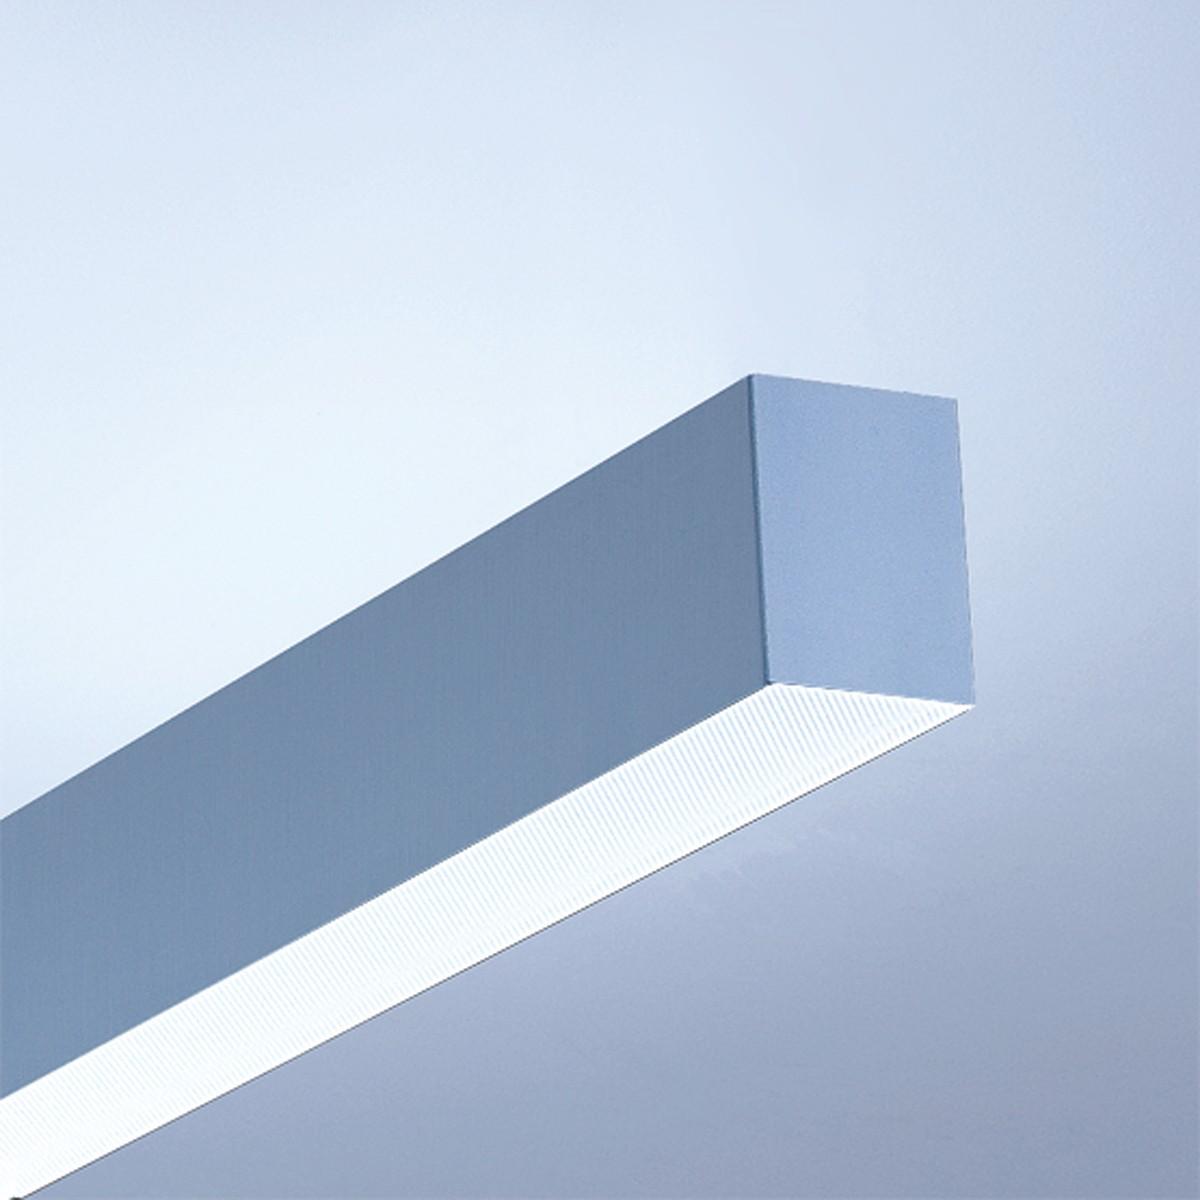 Lightnet Matric-A3 Deckenleuchte, Länge: 118,2 cm, Aluminium natureloxiert